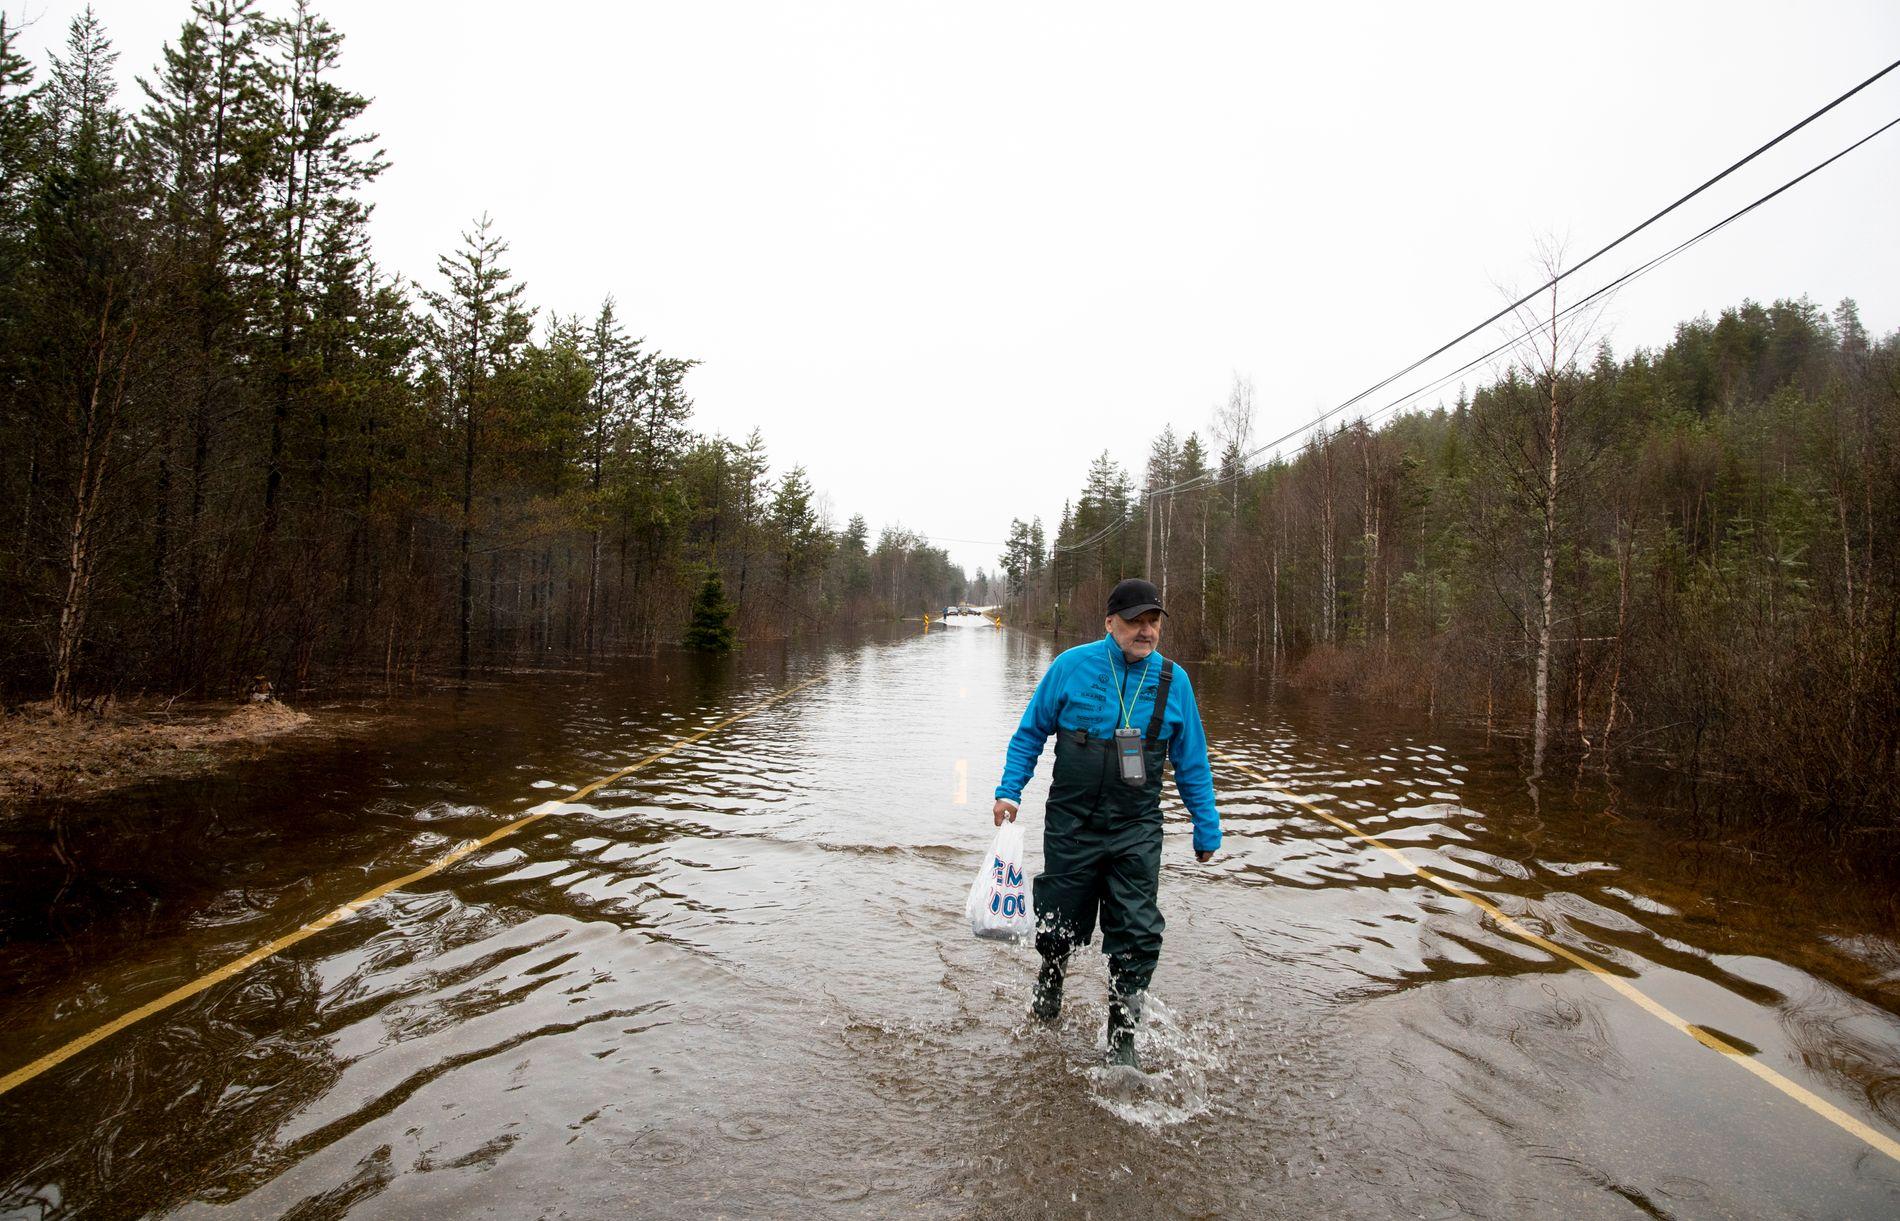 VASSER PÅ STENGT VEI: Rolf Hagen tok lørdag på seg vadebukse for å levere matvarer til en eldre mann som bor innenfor der veien er stengt få Fylkesvei 26 ved Nybergsund.